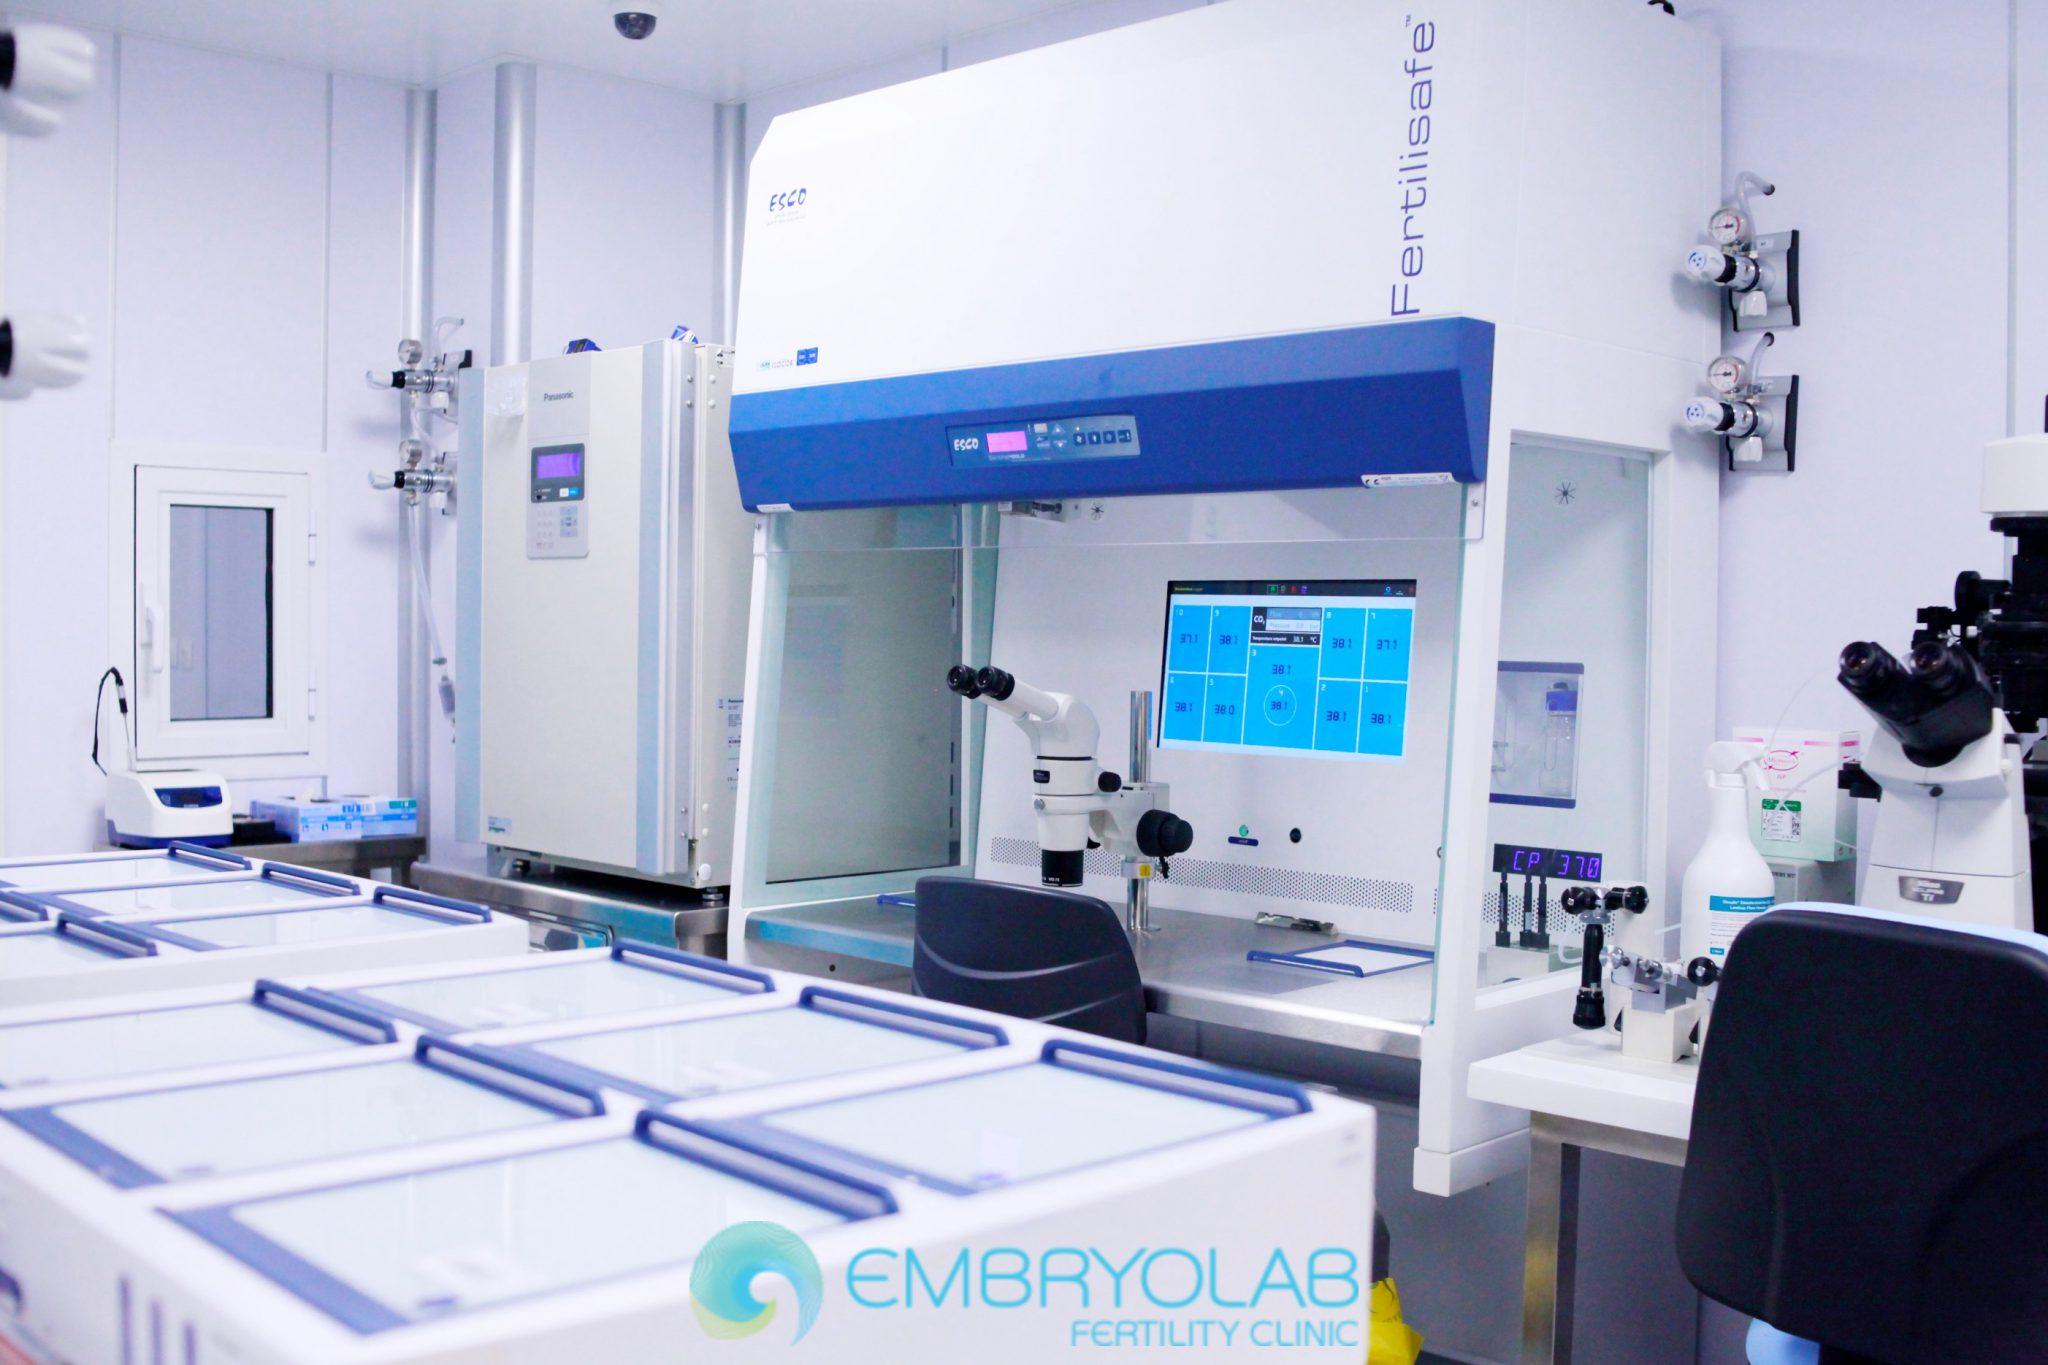 Embryolab IVF lab